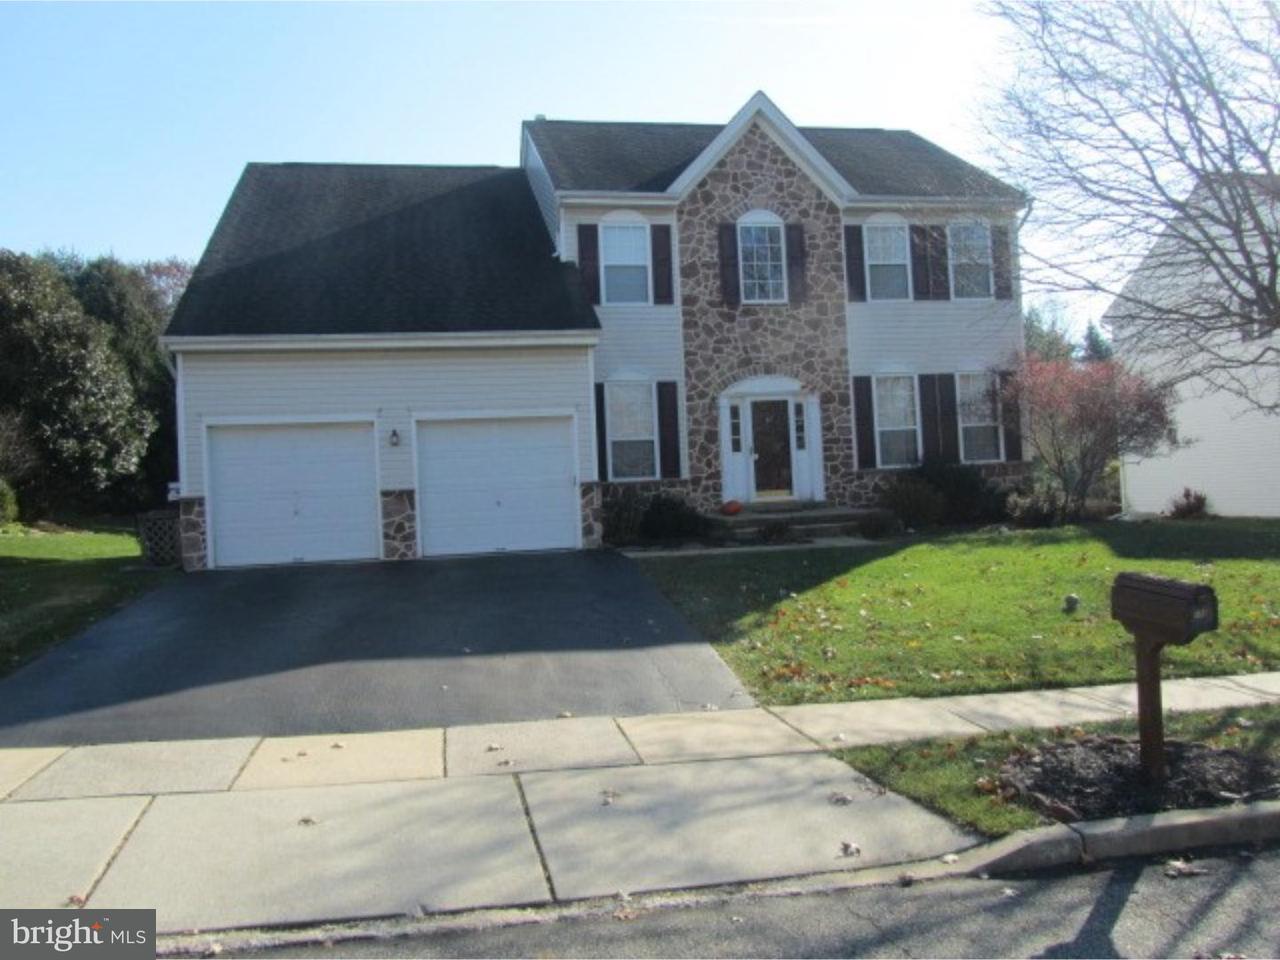 Частный односемейный дом для того Аренда на 158 SIDE SADDLE Place West Chester, Пенсильвания 19382 Соединенные Штаты